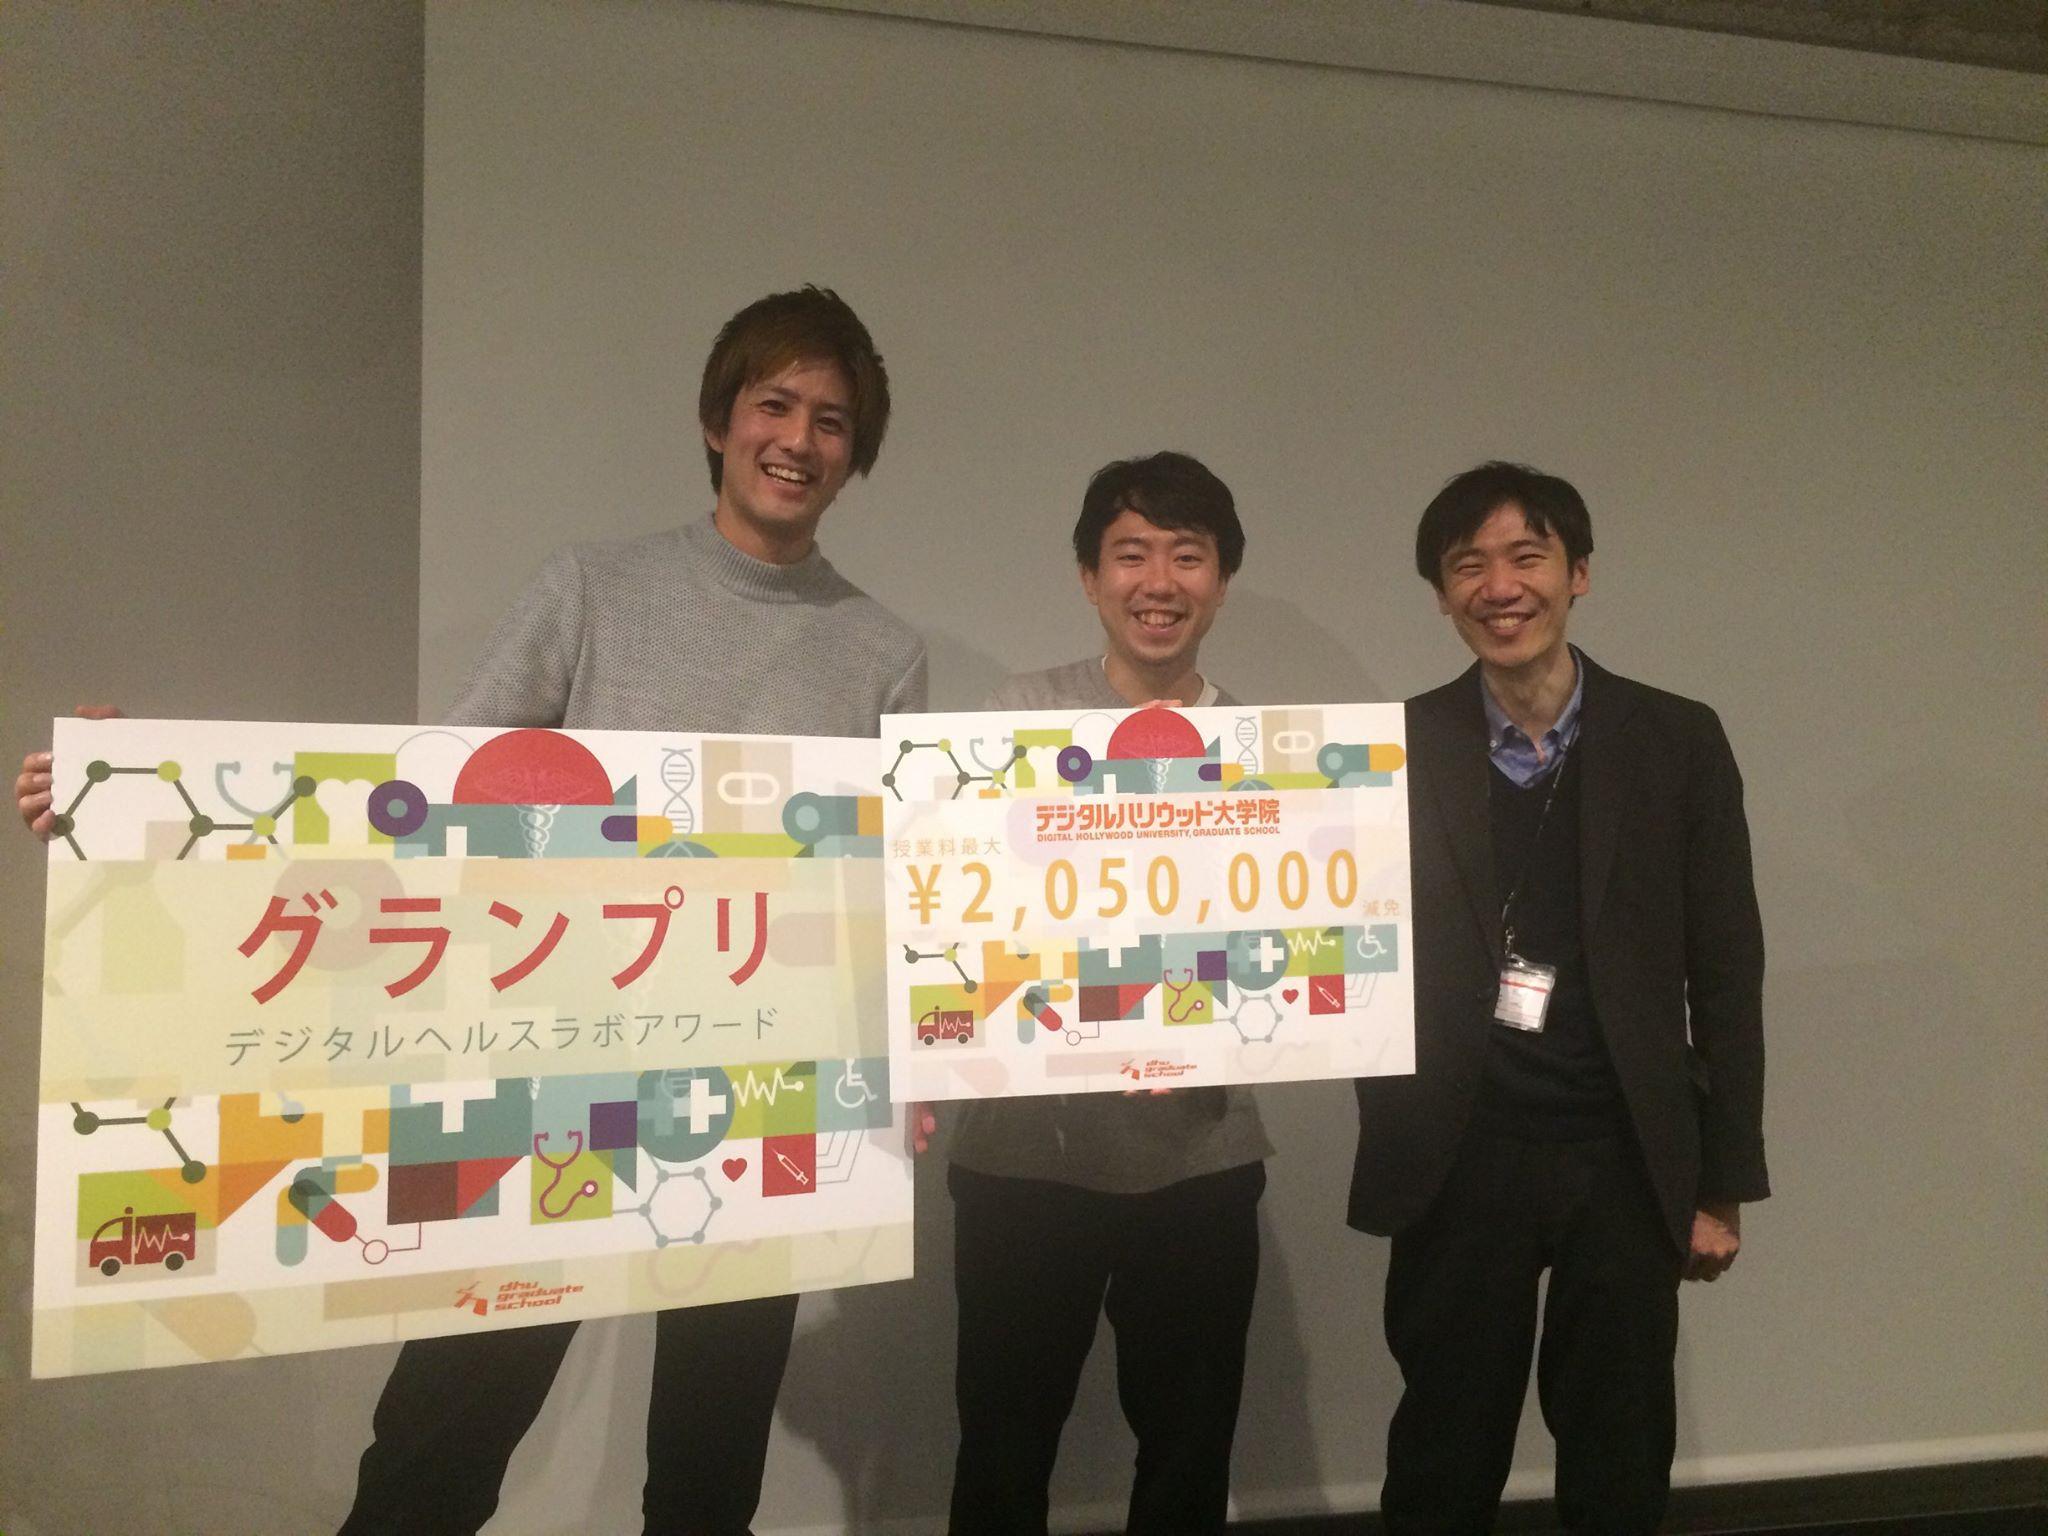 「第3回デジタルヘルスラボ」(デジタルハリウッド大学主催)でグランプリを受賞しました。